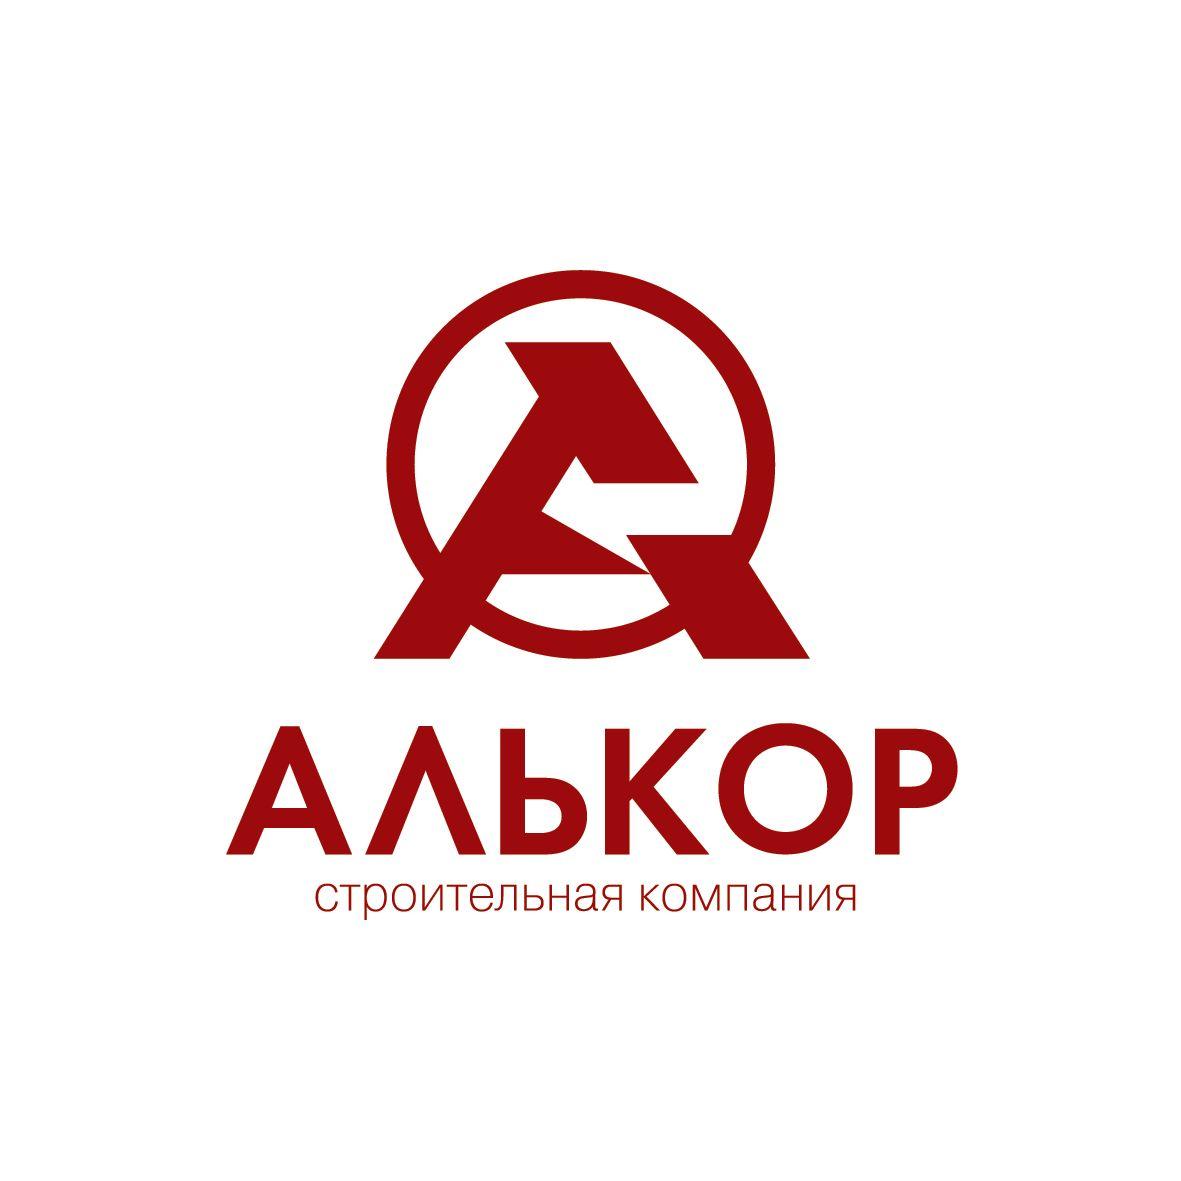 Логотип и фир.стиль для строительной организации - дизайнер kit-design